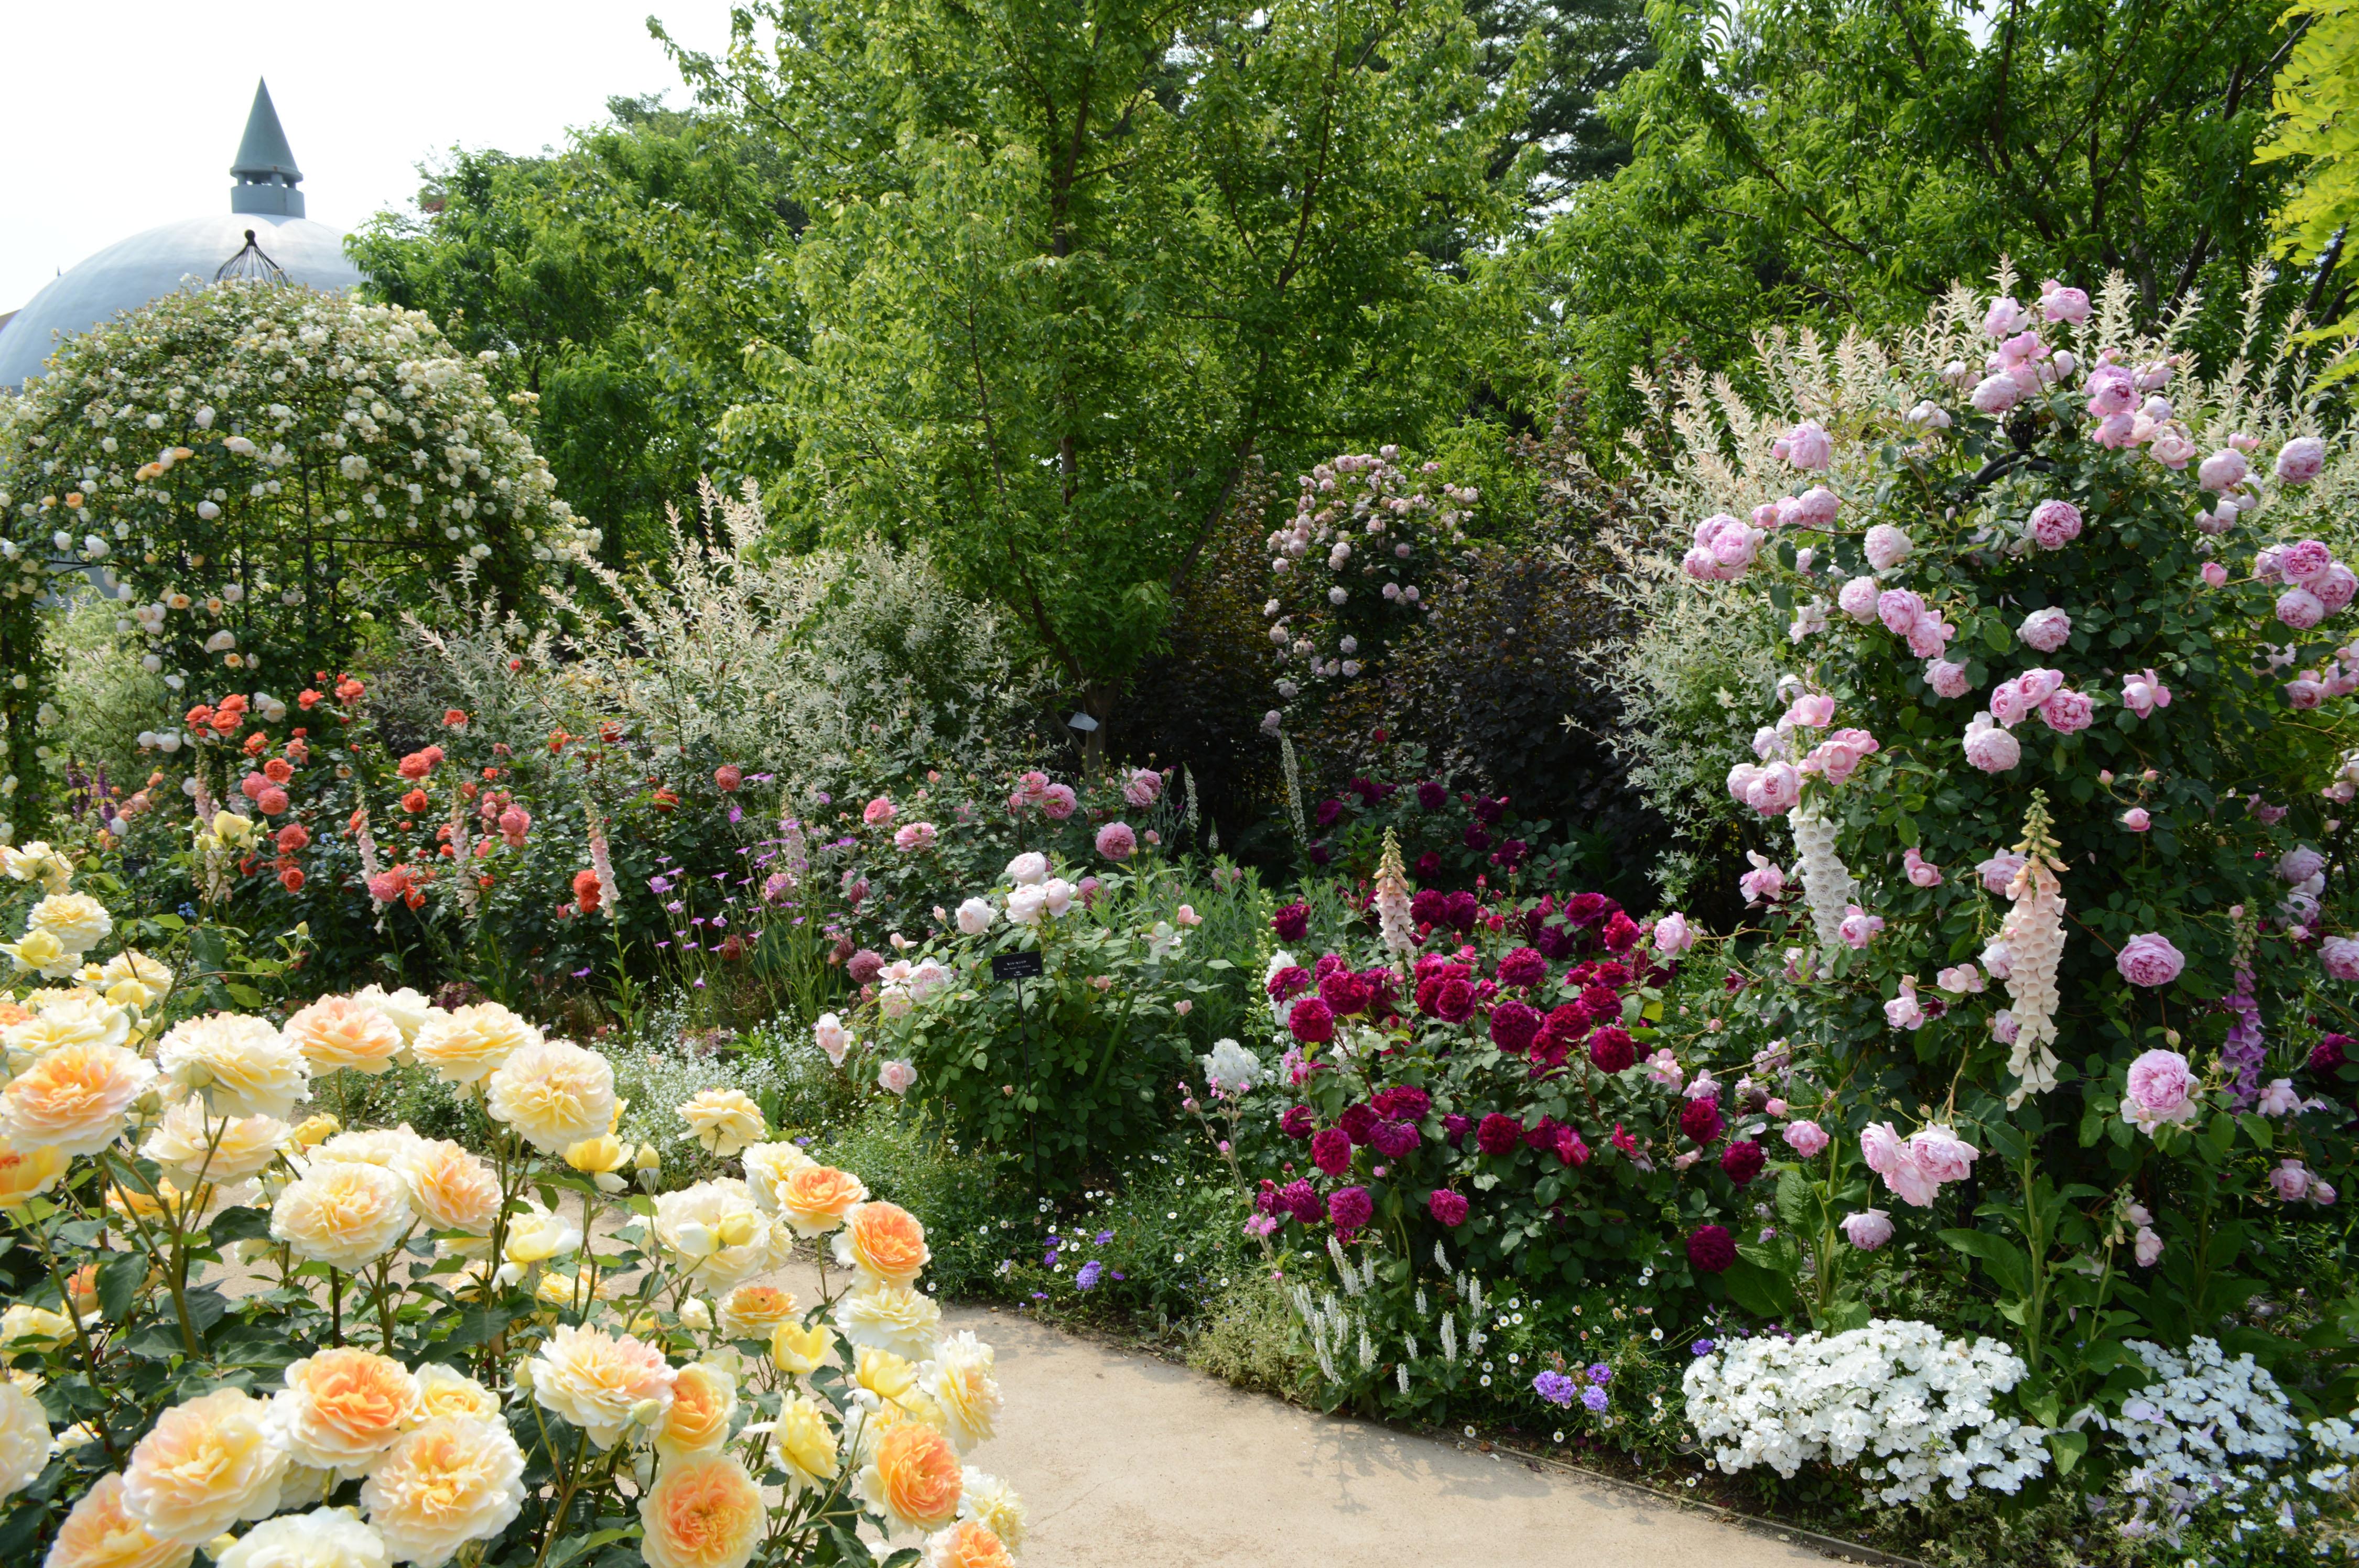 ディティールの細かさも東武トレジャーガーデンの魅力の一つ。庭の隙間を埋め尽くすような宿根草とバラの花が素敵です。